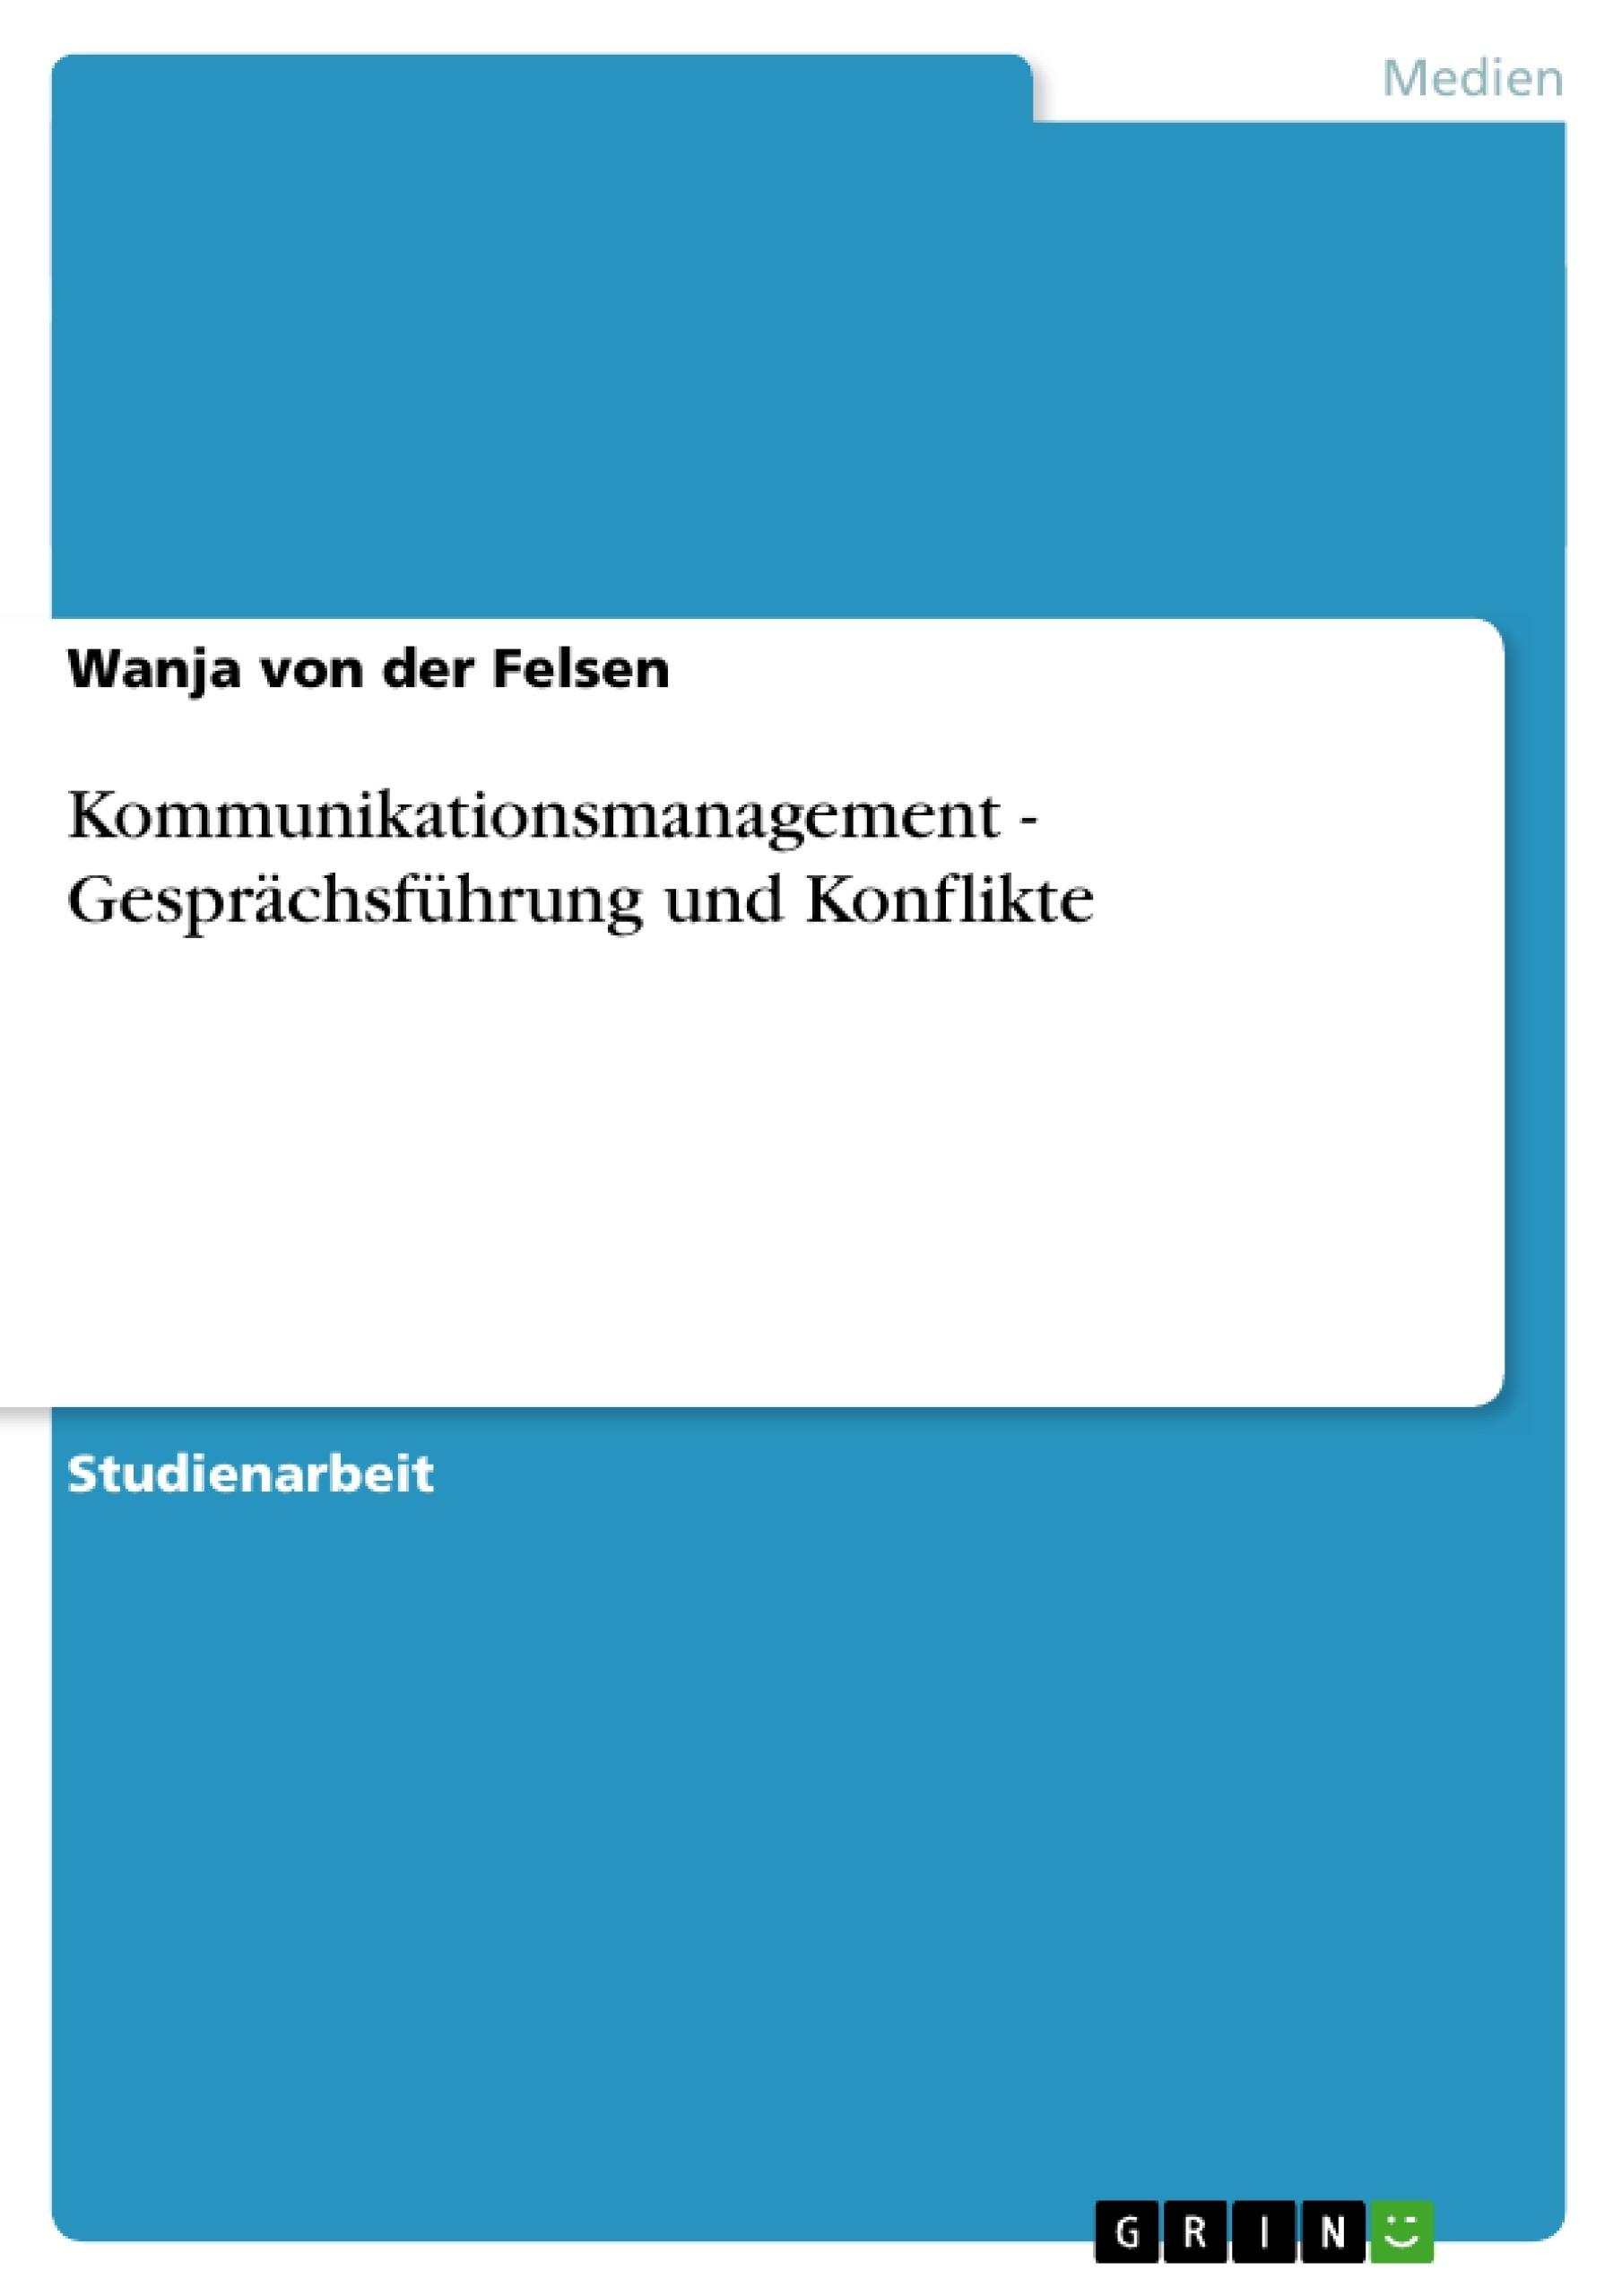 Titel: Kommunikationsmanagement - Gesprächsführung und Konflikte